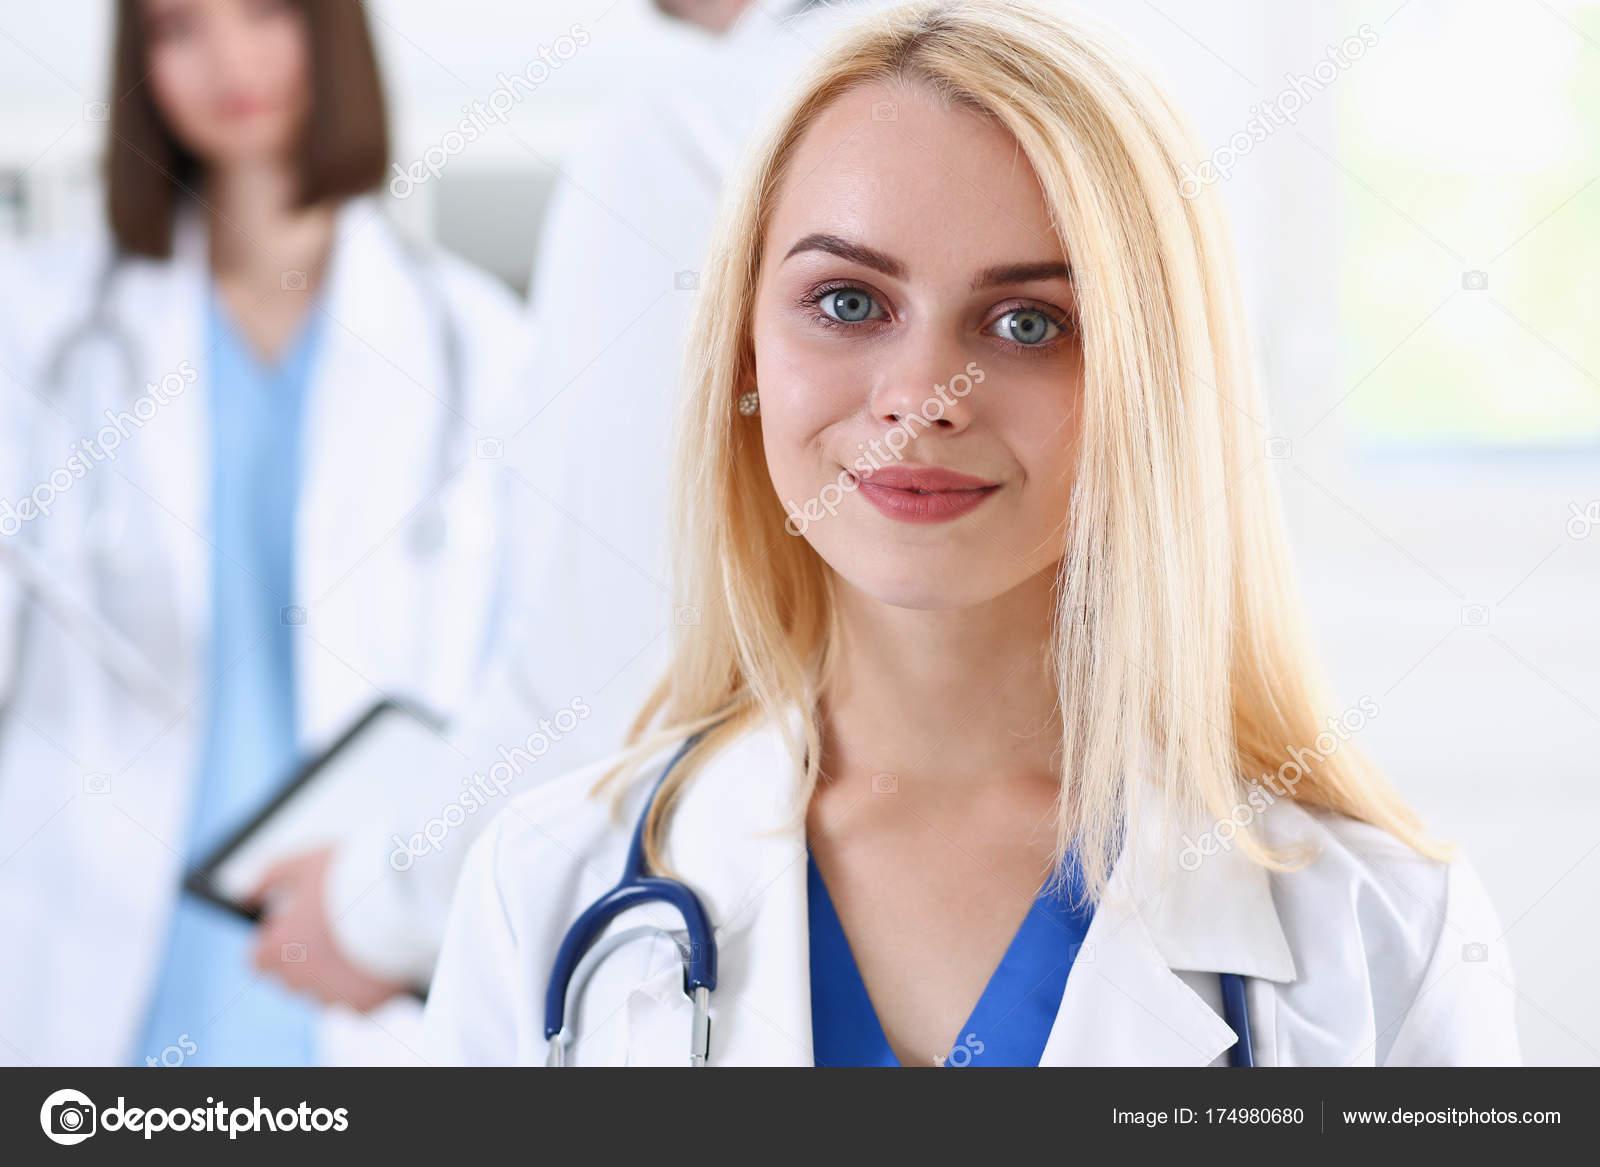 Красивые фото женщин врачей, она ползет к члену